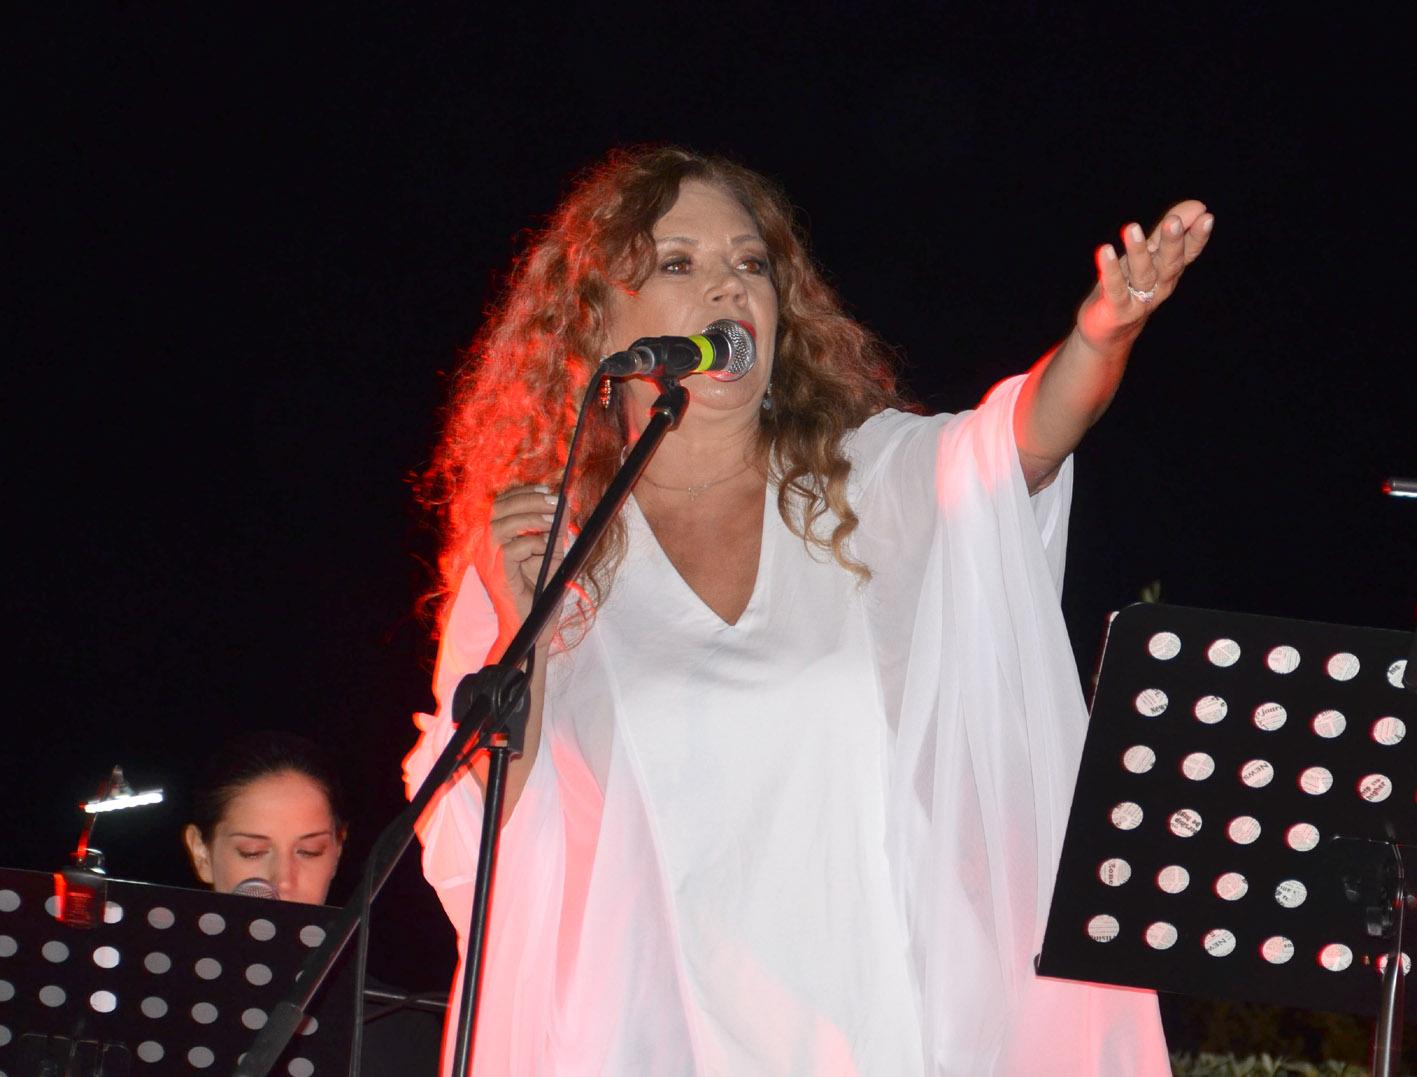 Δύο Φεγγάρια για μια Πανσέληνο της Μερσίνας Τσαντοπούλου-Φωτογραφίες Σπύρος Τσαντόπουλος (3)